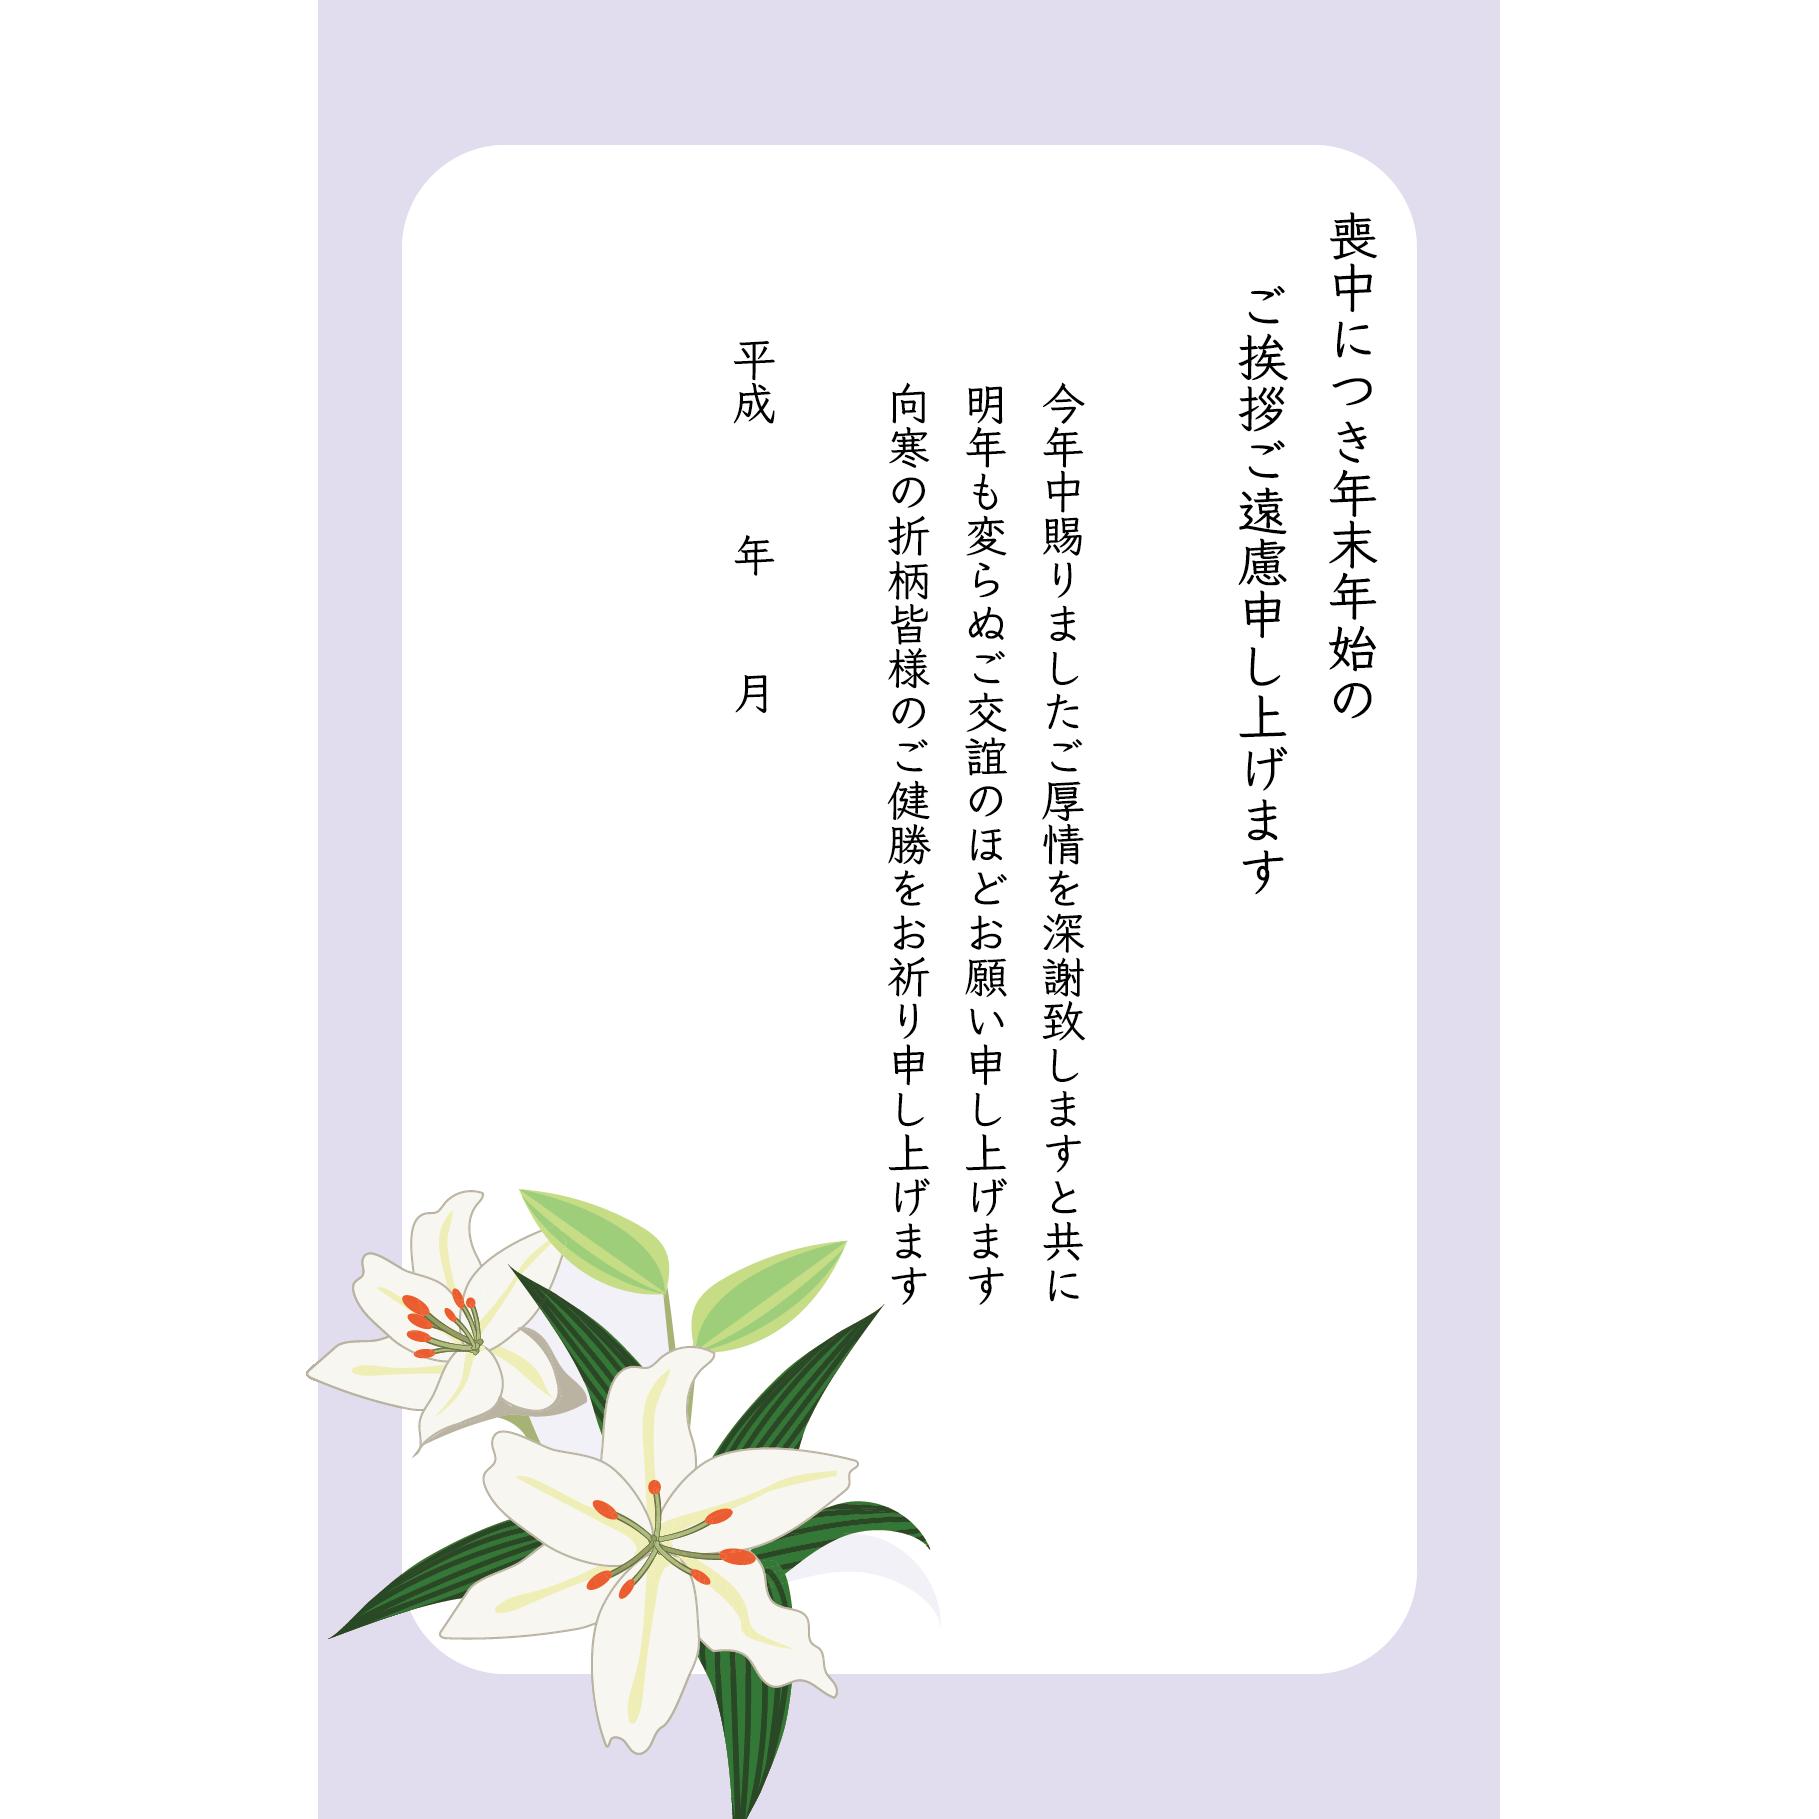 喪中はがき 百合(ゆり)の花イラスト | 商用フリー(無料)のイラスト